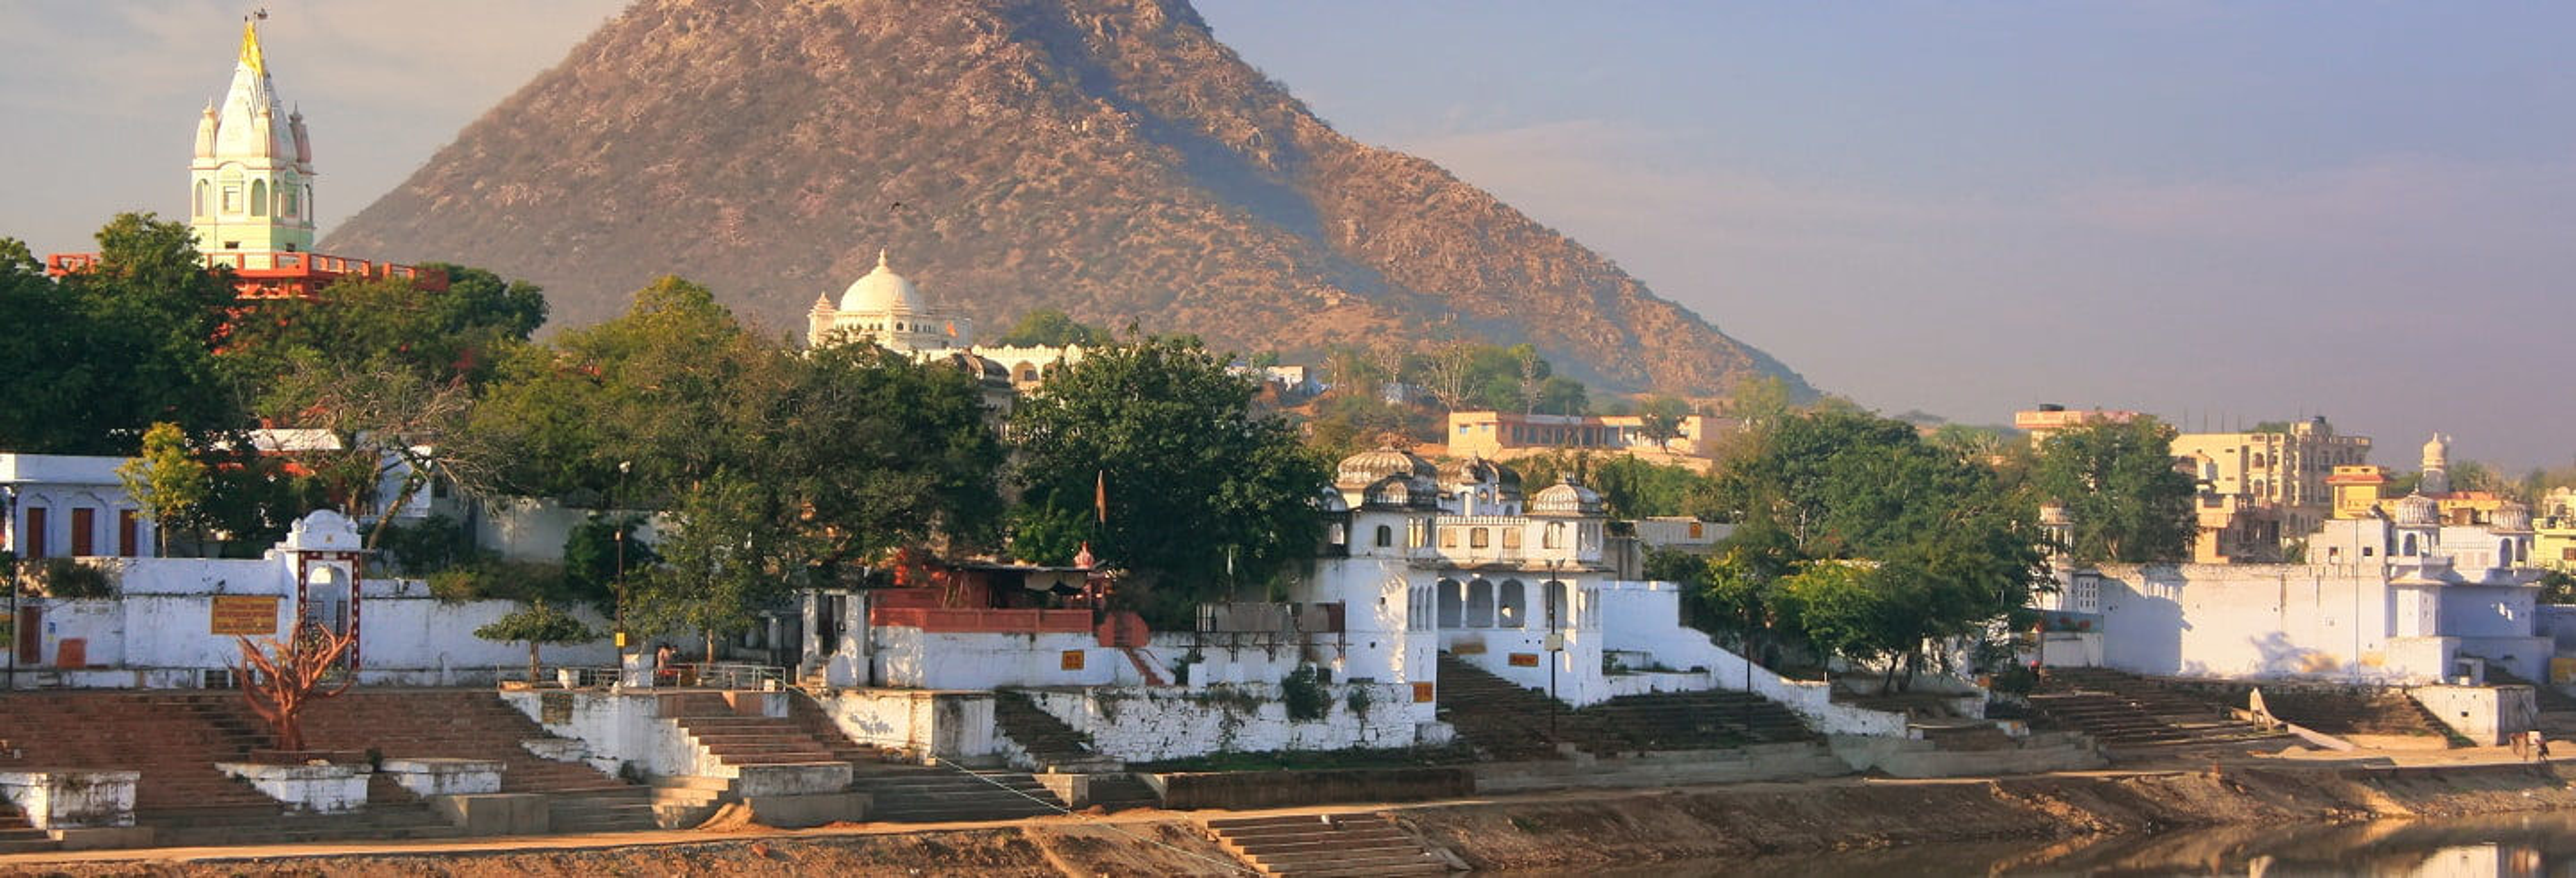 Pushkar Temples Walking Tour